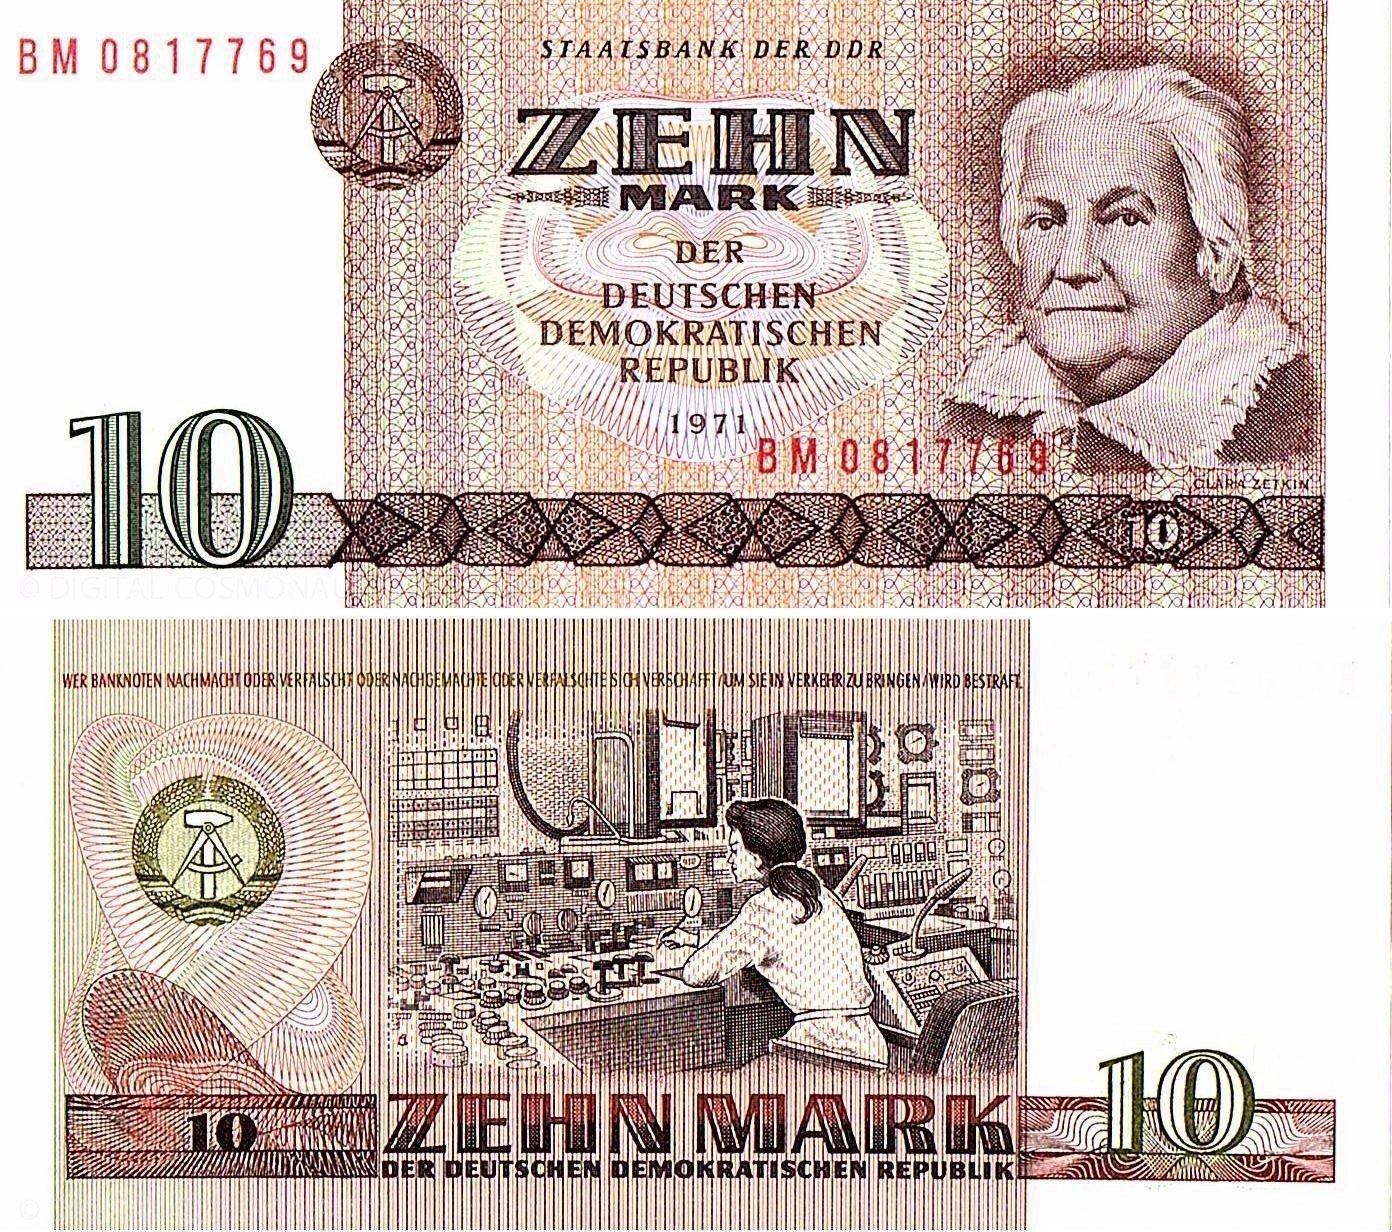 10 DDR Mark schein 1971